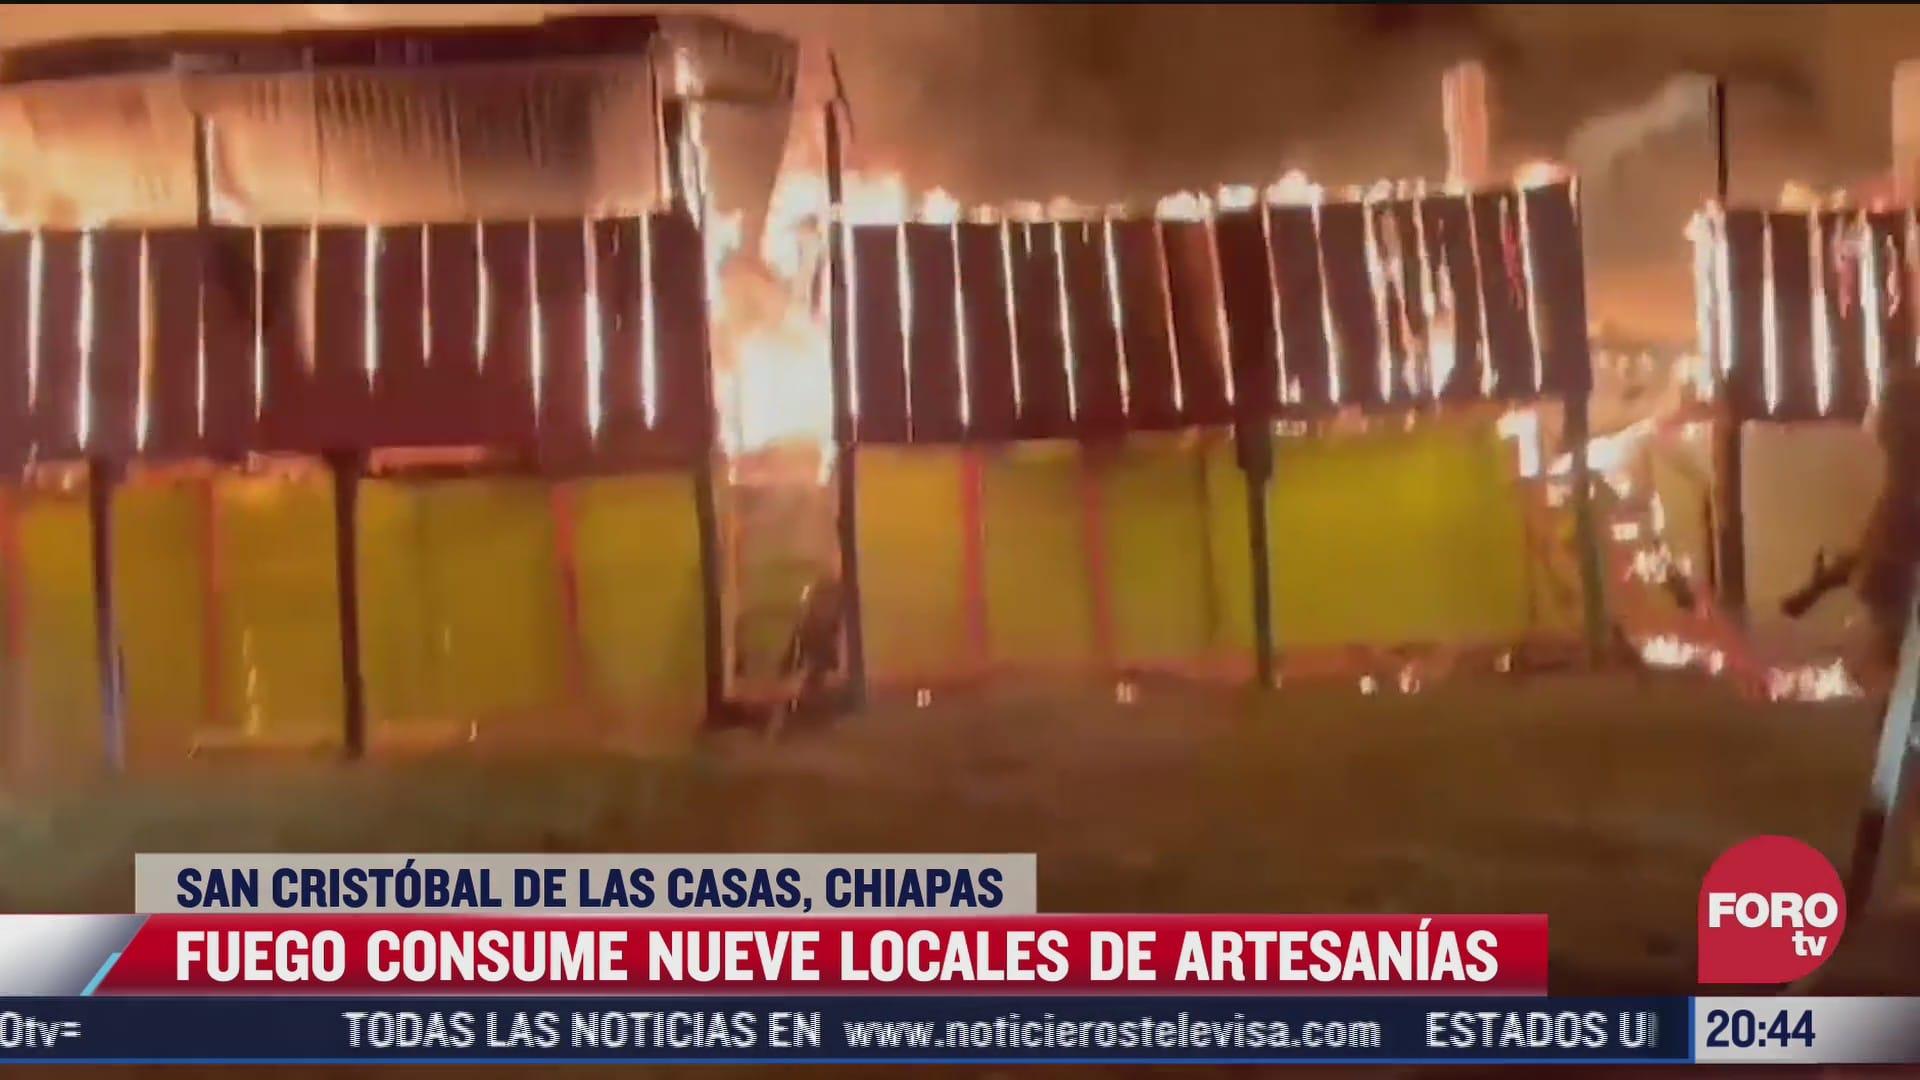 incendio consume locales de artesanias en chiapas